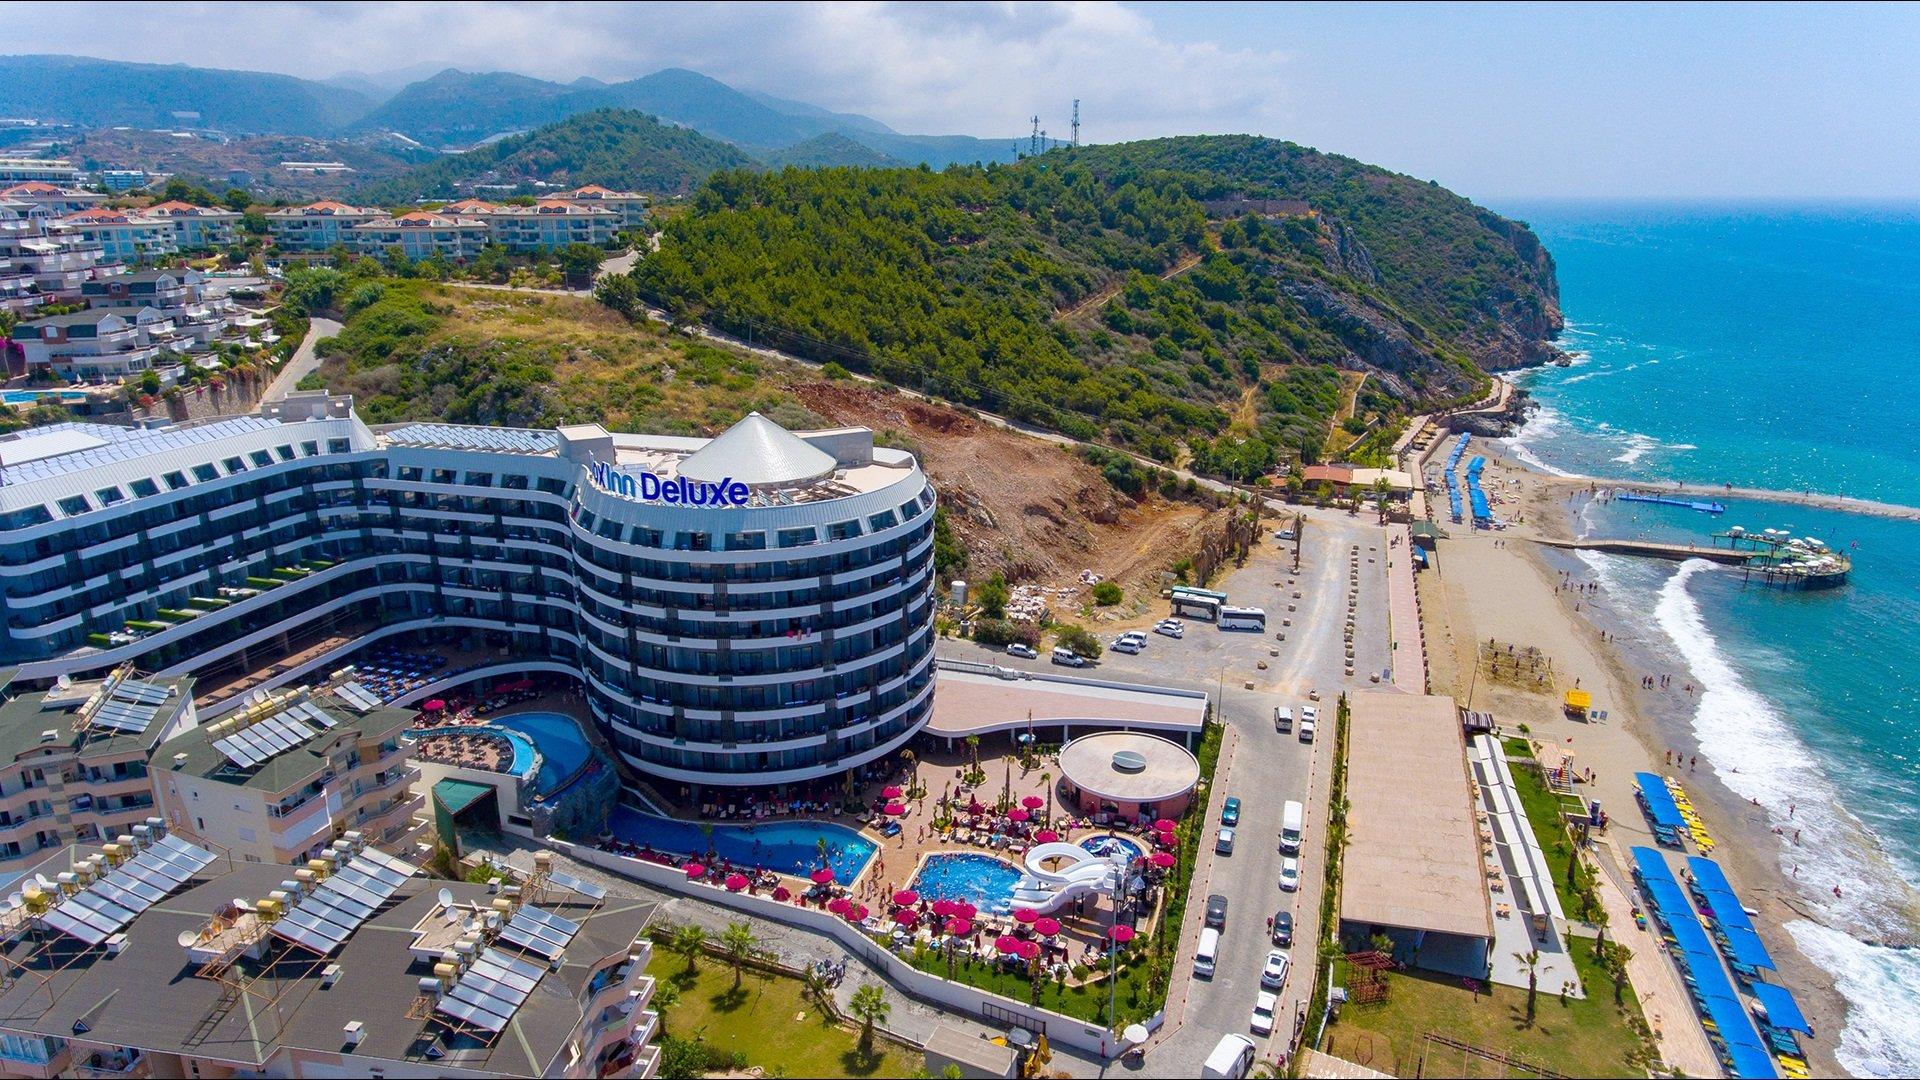 Hotel Noxinn Deluxe